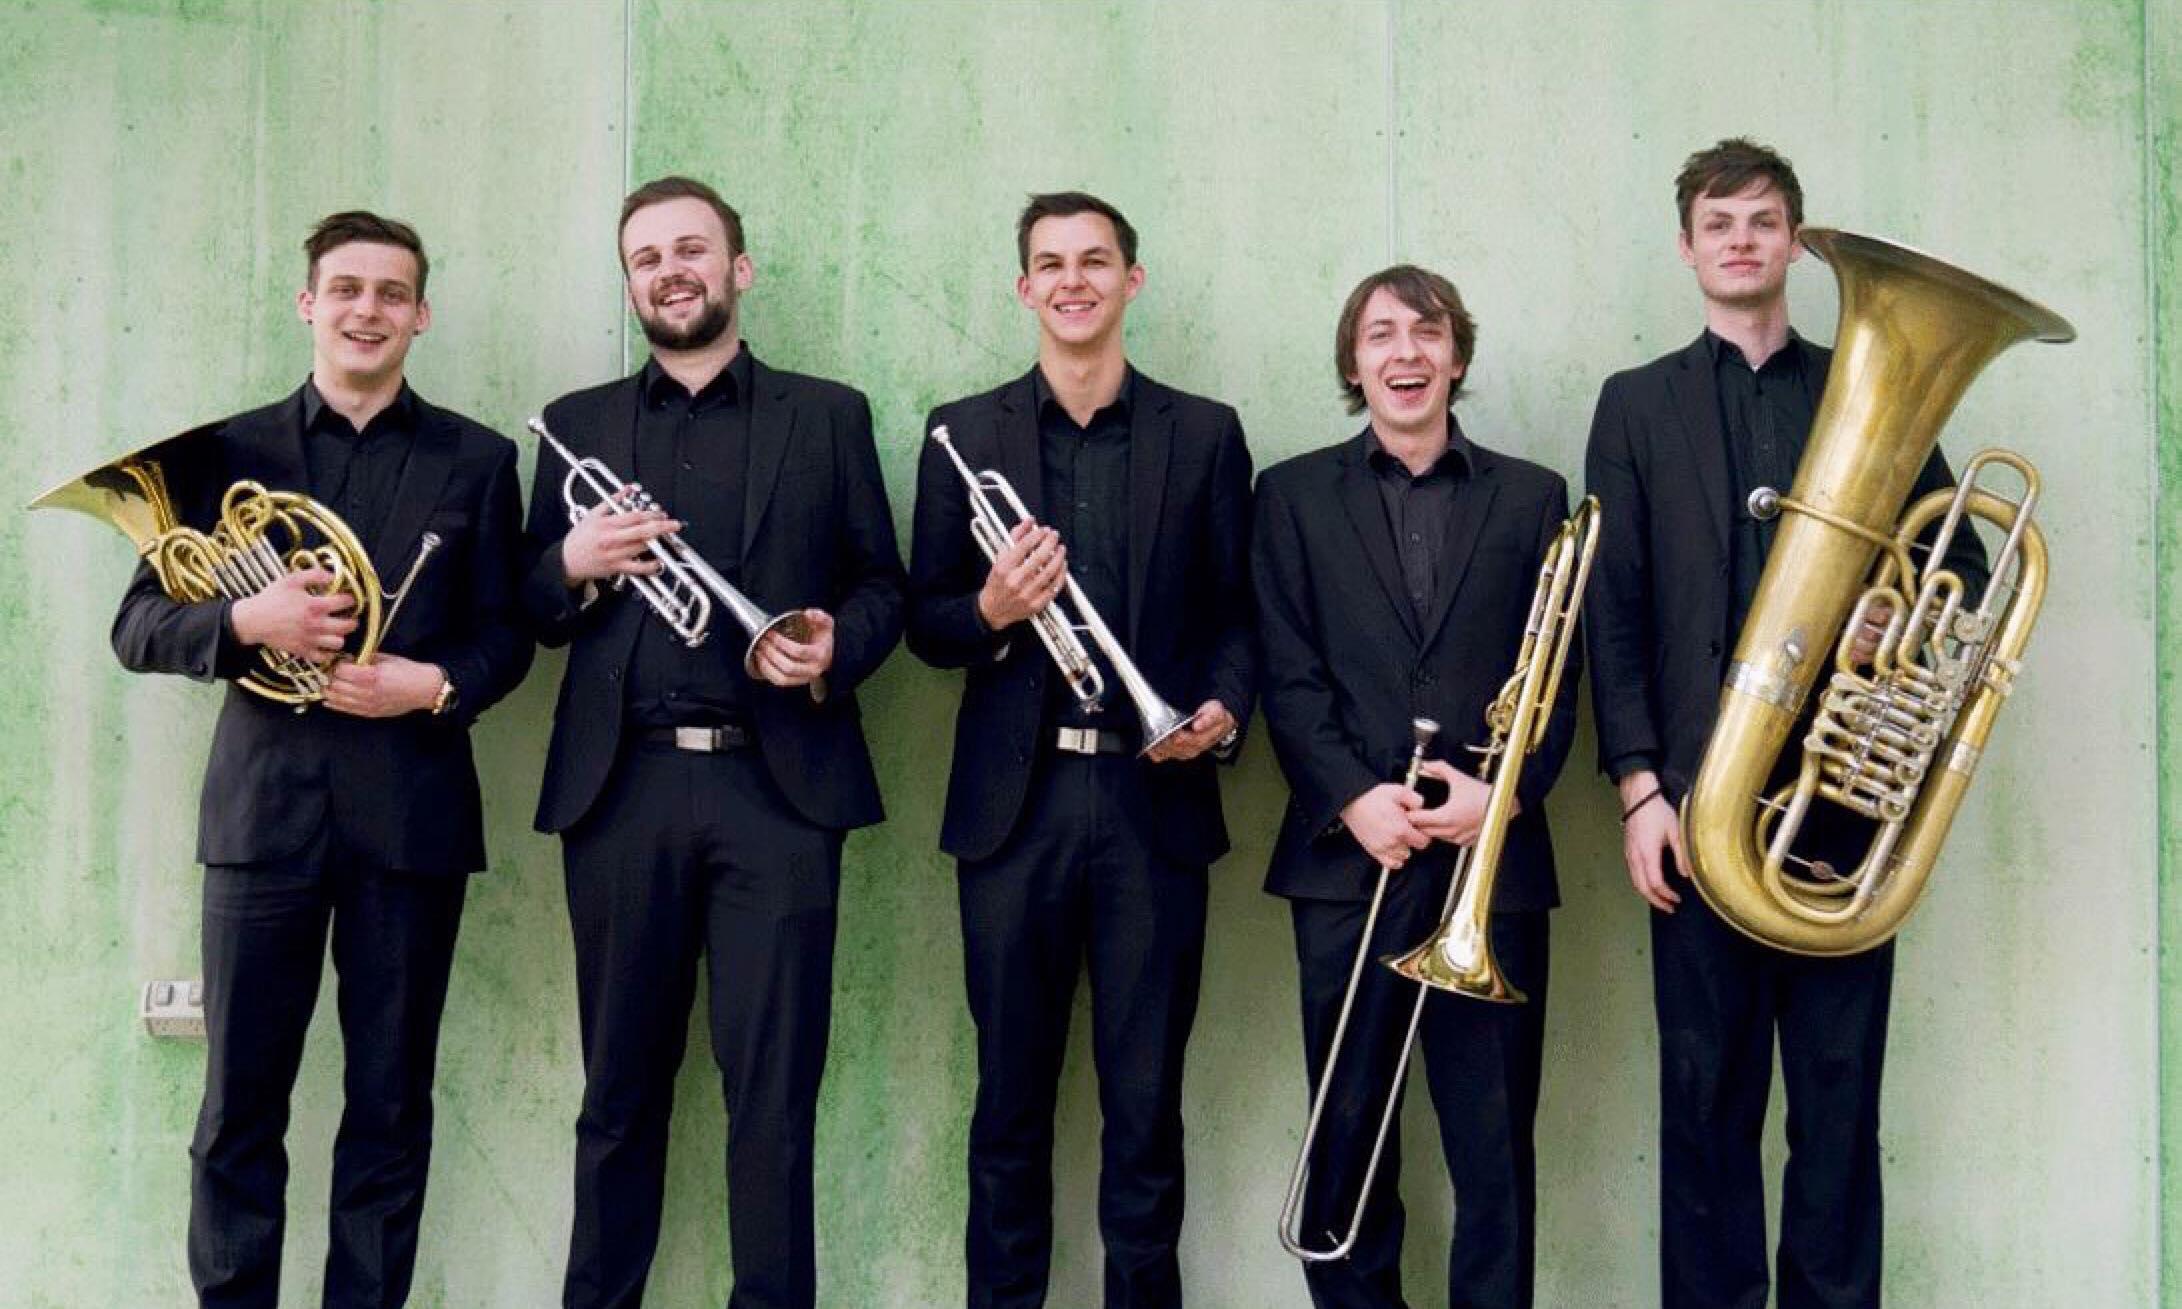 Golden Gate Brass - Four Winds